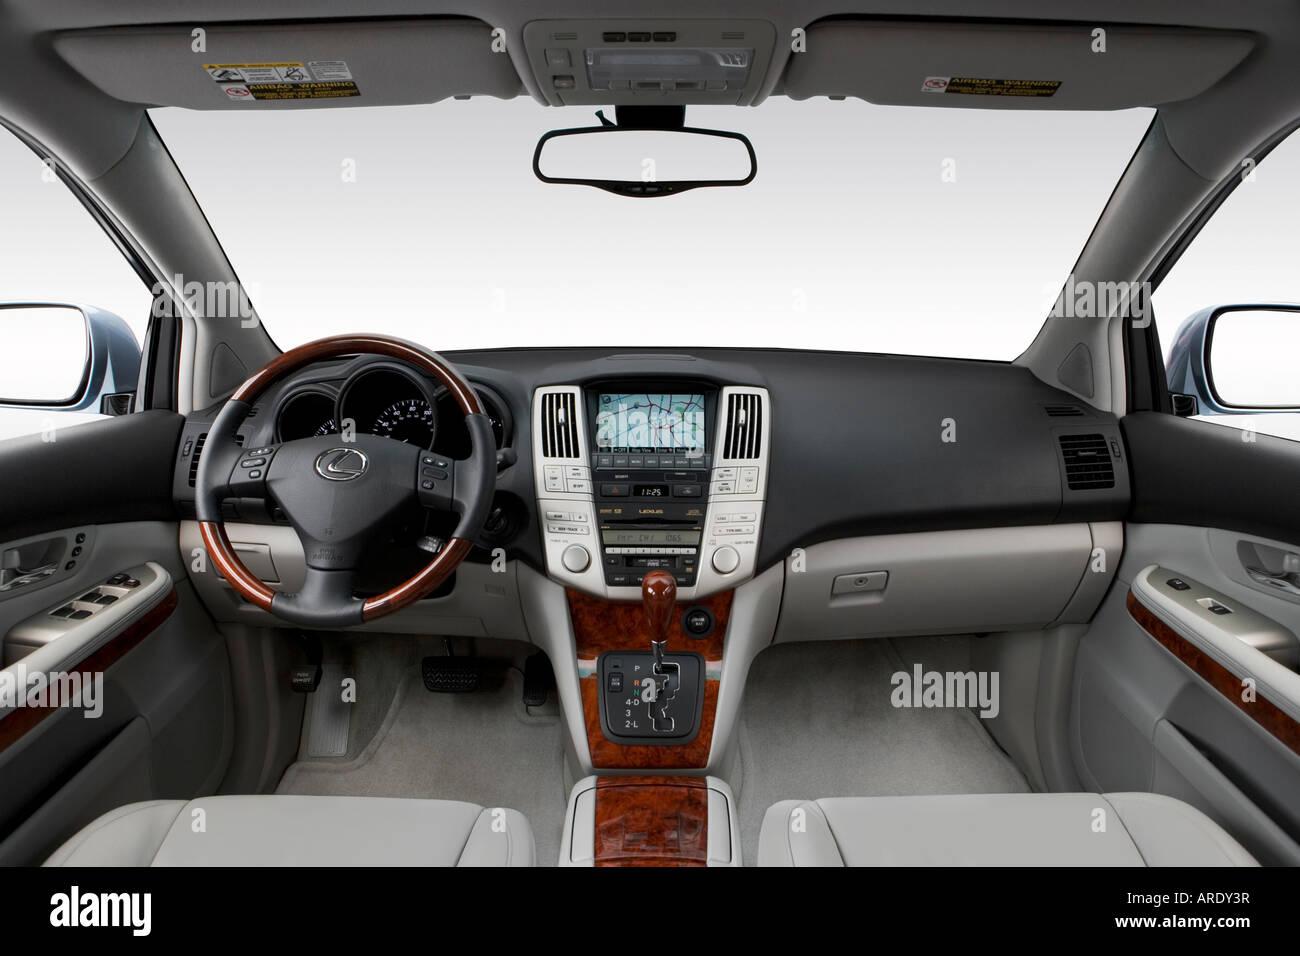 Nice 2007 Lexus RX 350 Em Azul   Painel De Bordo, Consola Central, Vista De  Mudança De Marchas